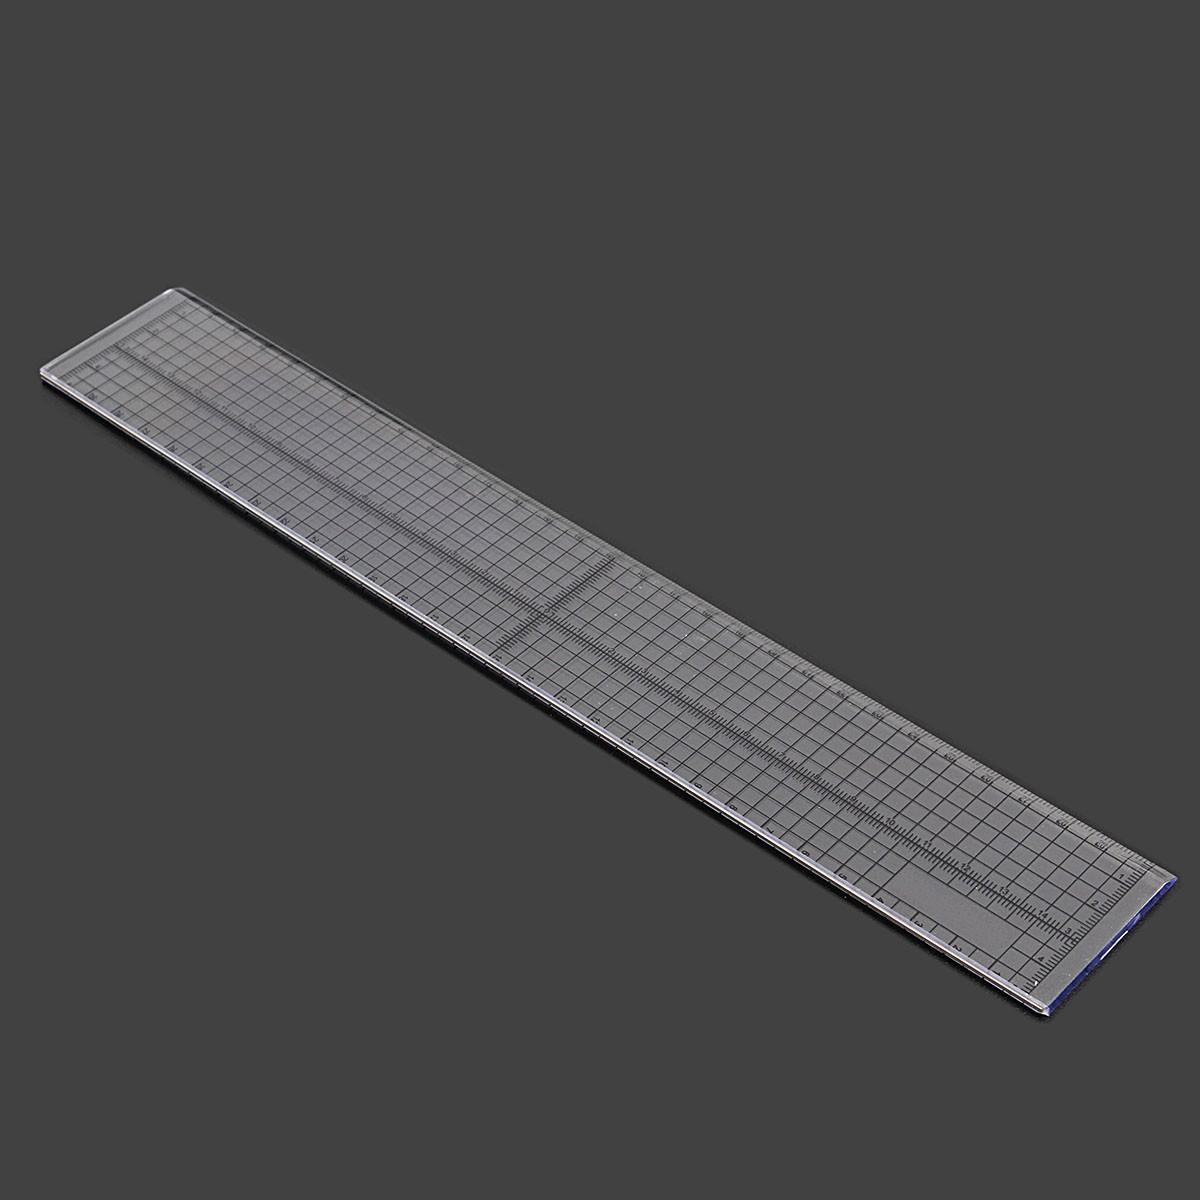 Шитье Лоскутное Линейка Лоскутное лапки Сетка Cutting Edge для Tailor Craft